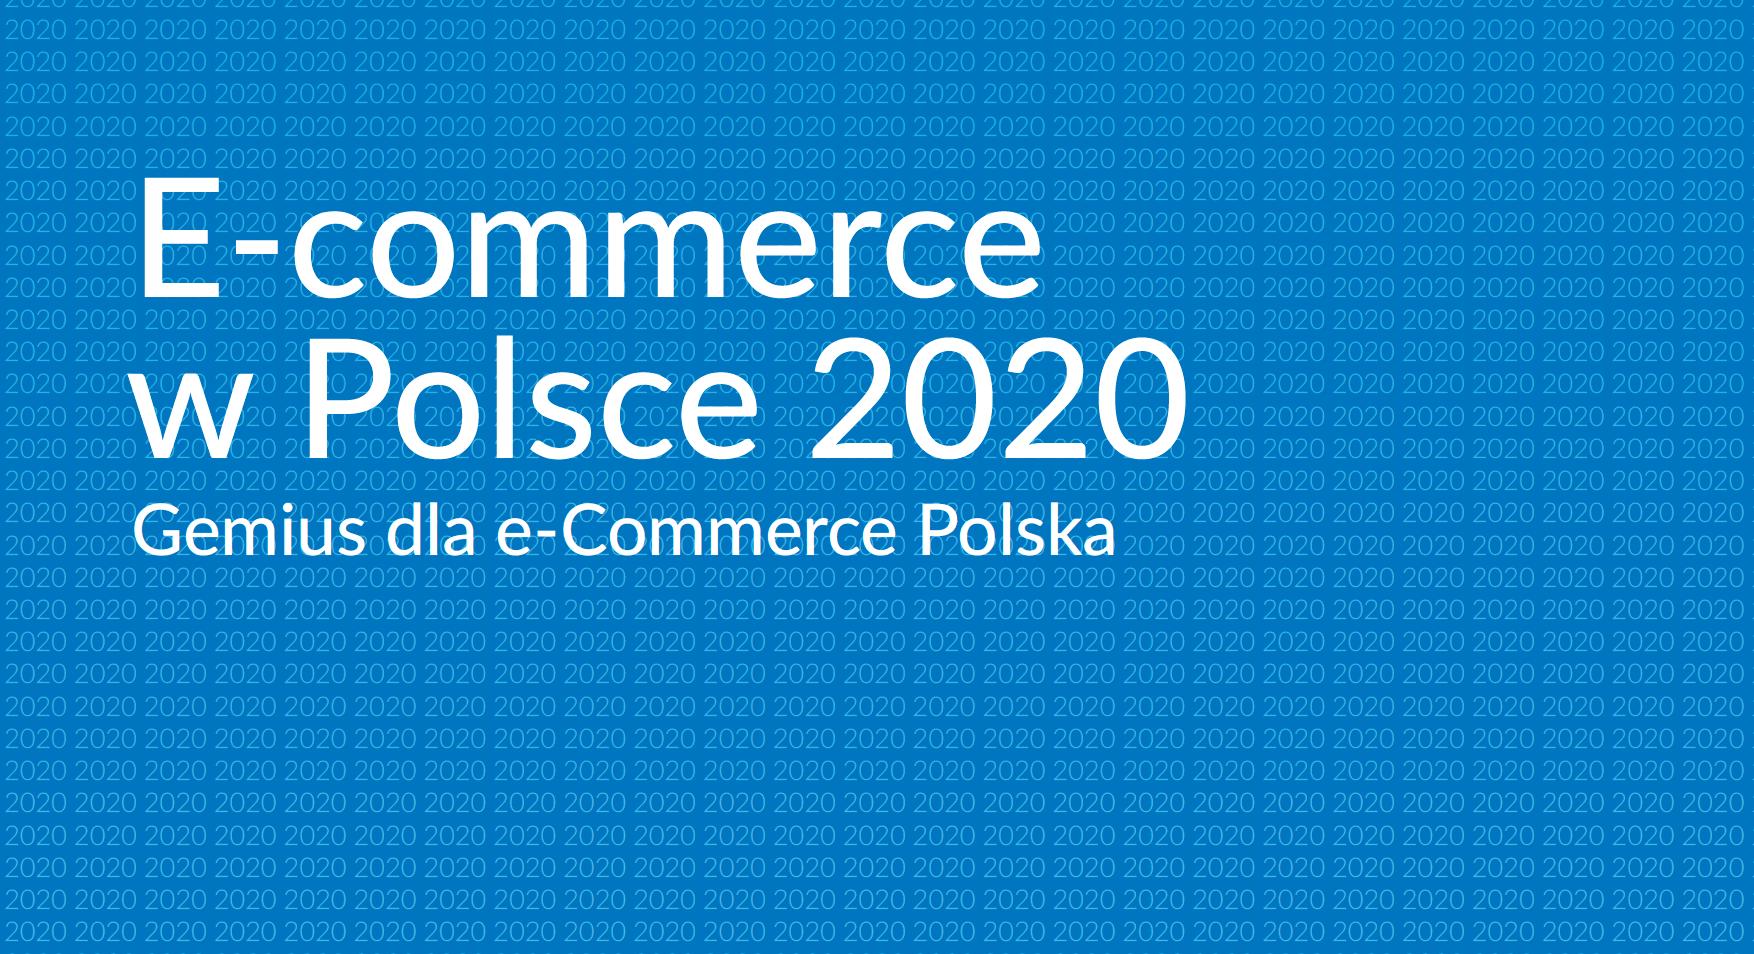 Co sprzedawać w Polsce - Raport Genius 2020